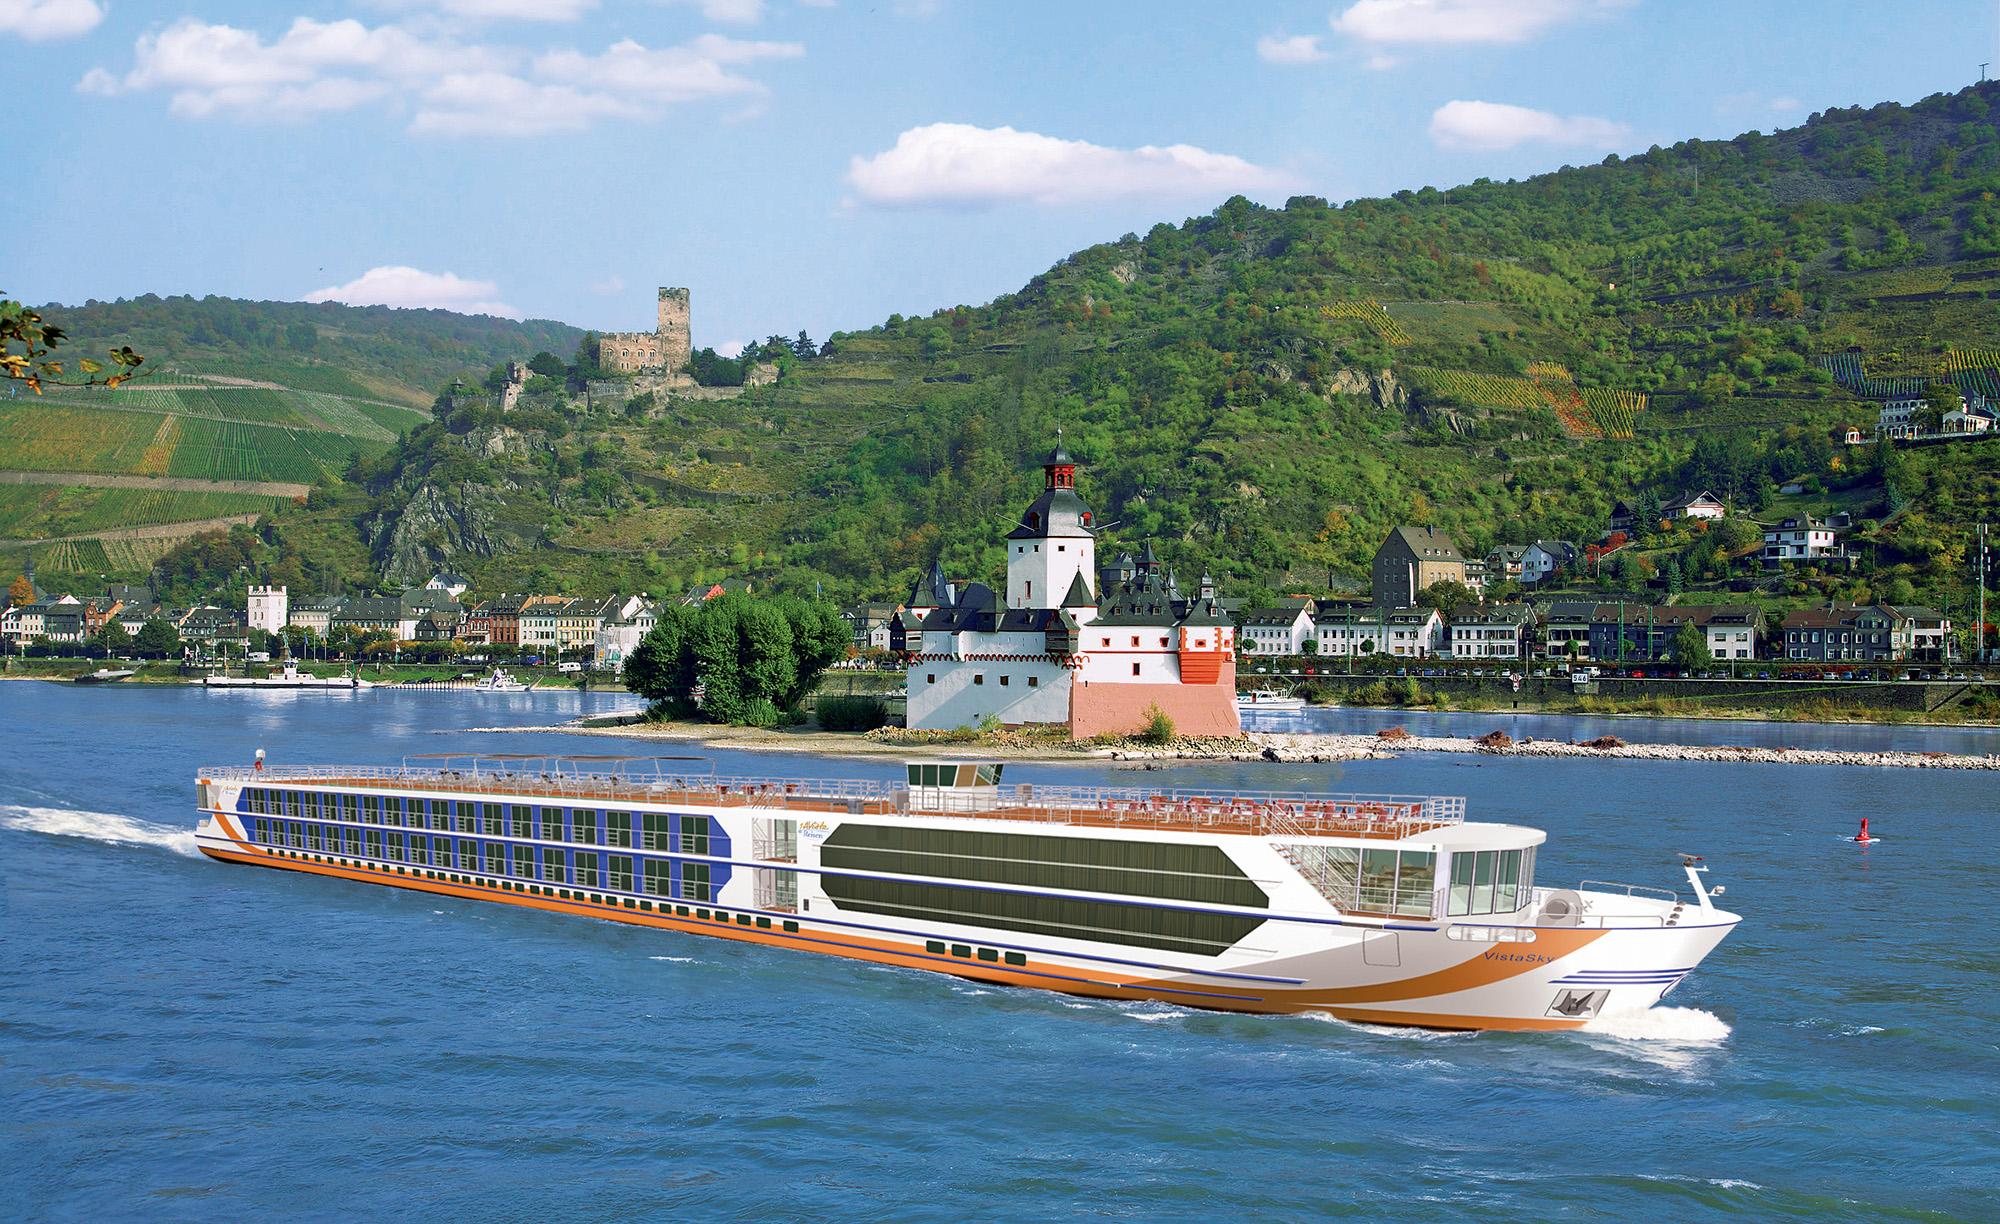 Das Flussschiff Vista Sky von 1A Vista Reisen startet in die Saison. Von Köln aus nimmt das Schiff der Deluxe-Klasse Kurs in Richtung Passau.